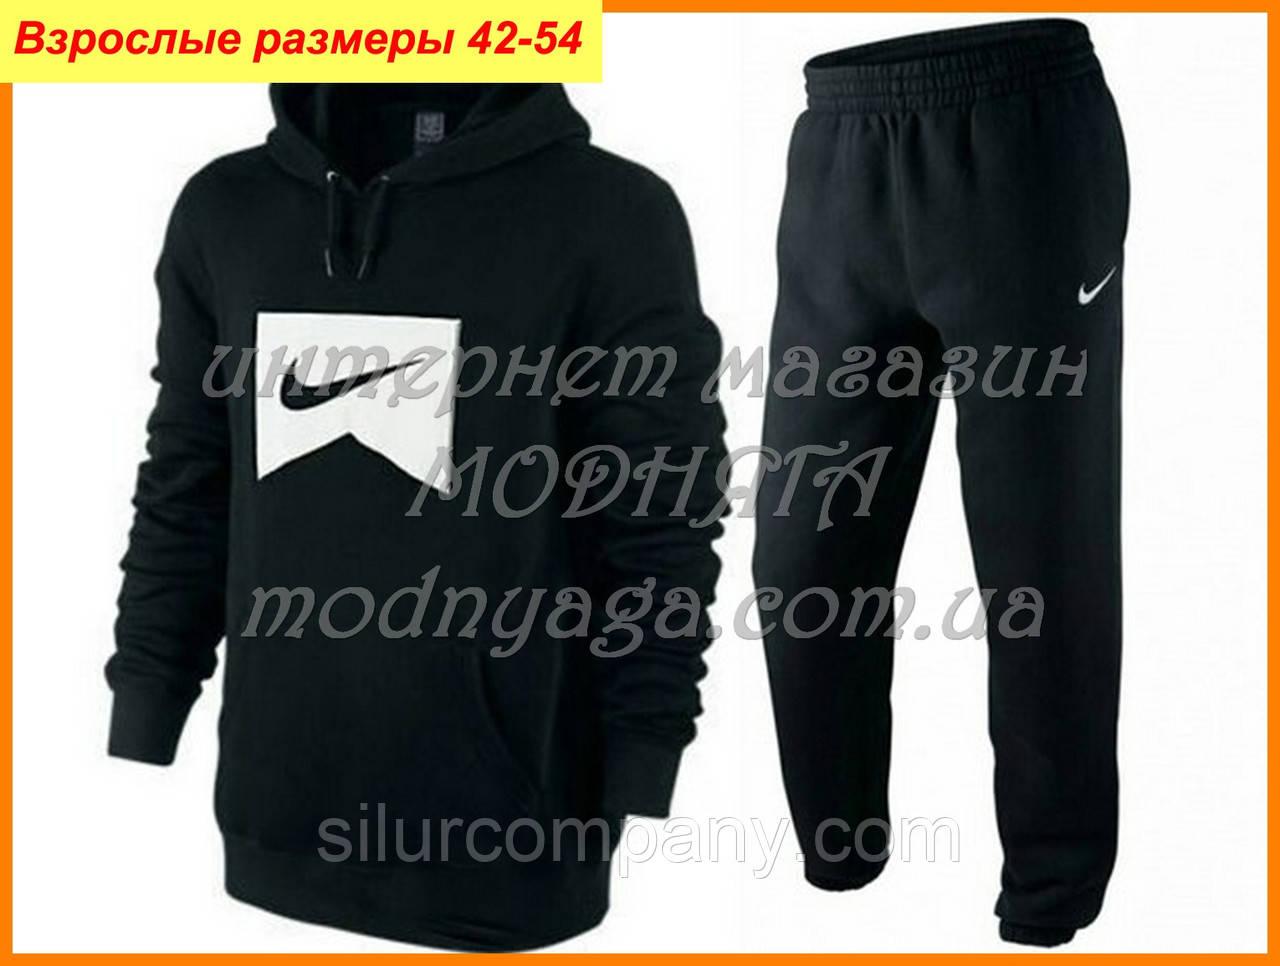 Спортивные костюмы найк интернет магазин   nike костюмы, фото 1 -2% Скидка 0054e8ca1db